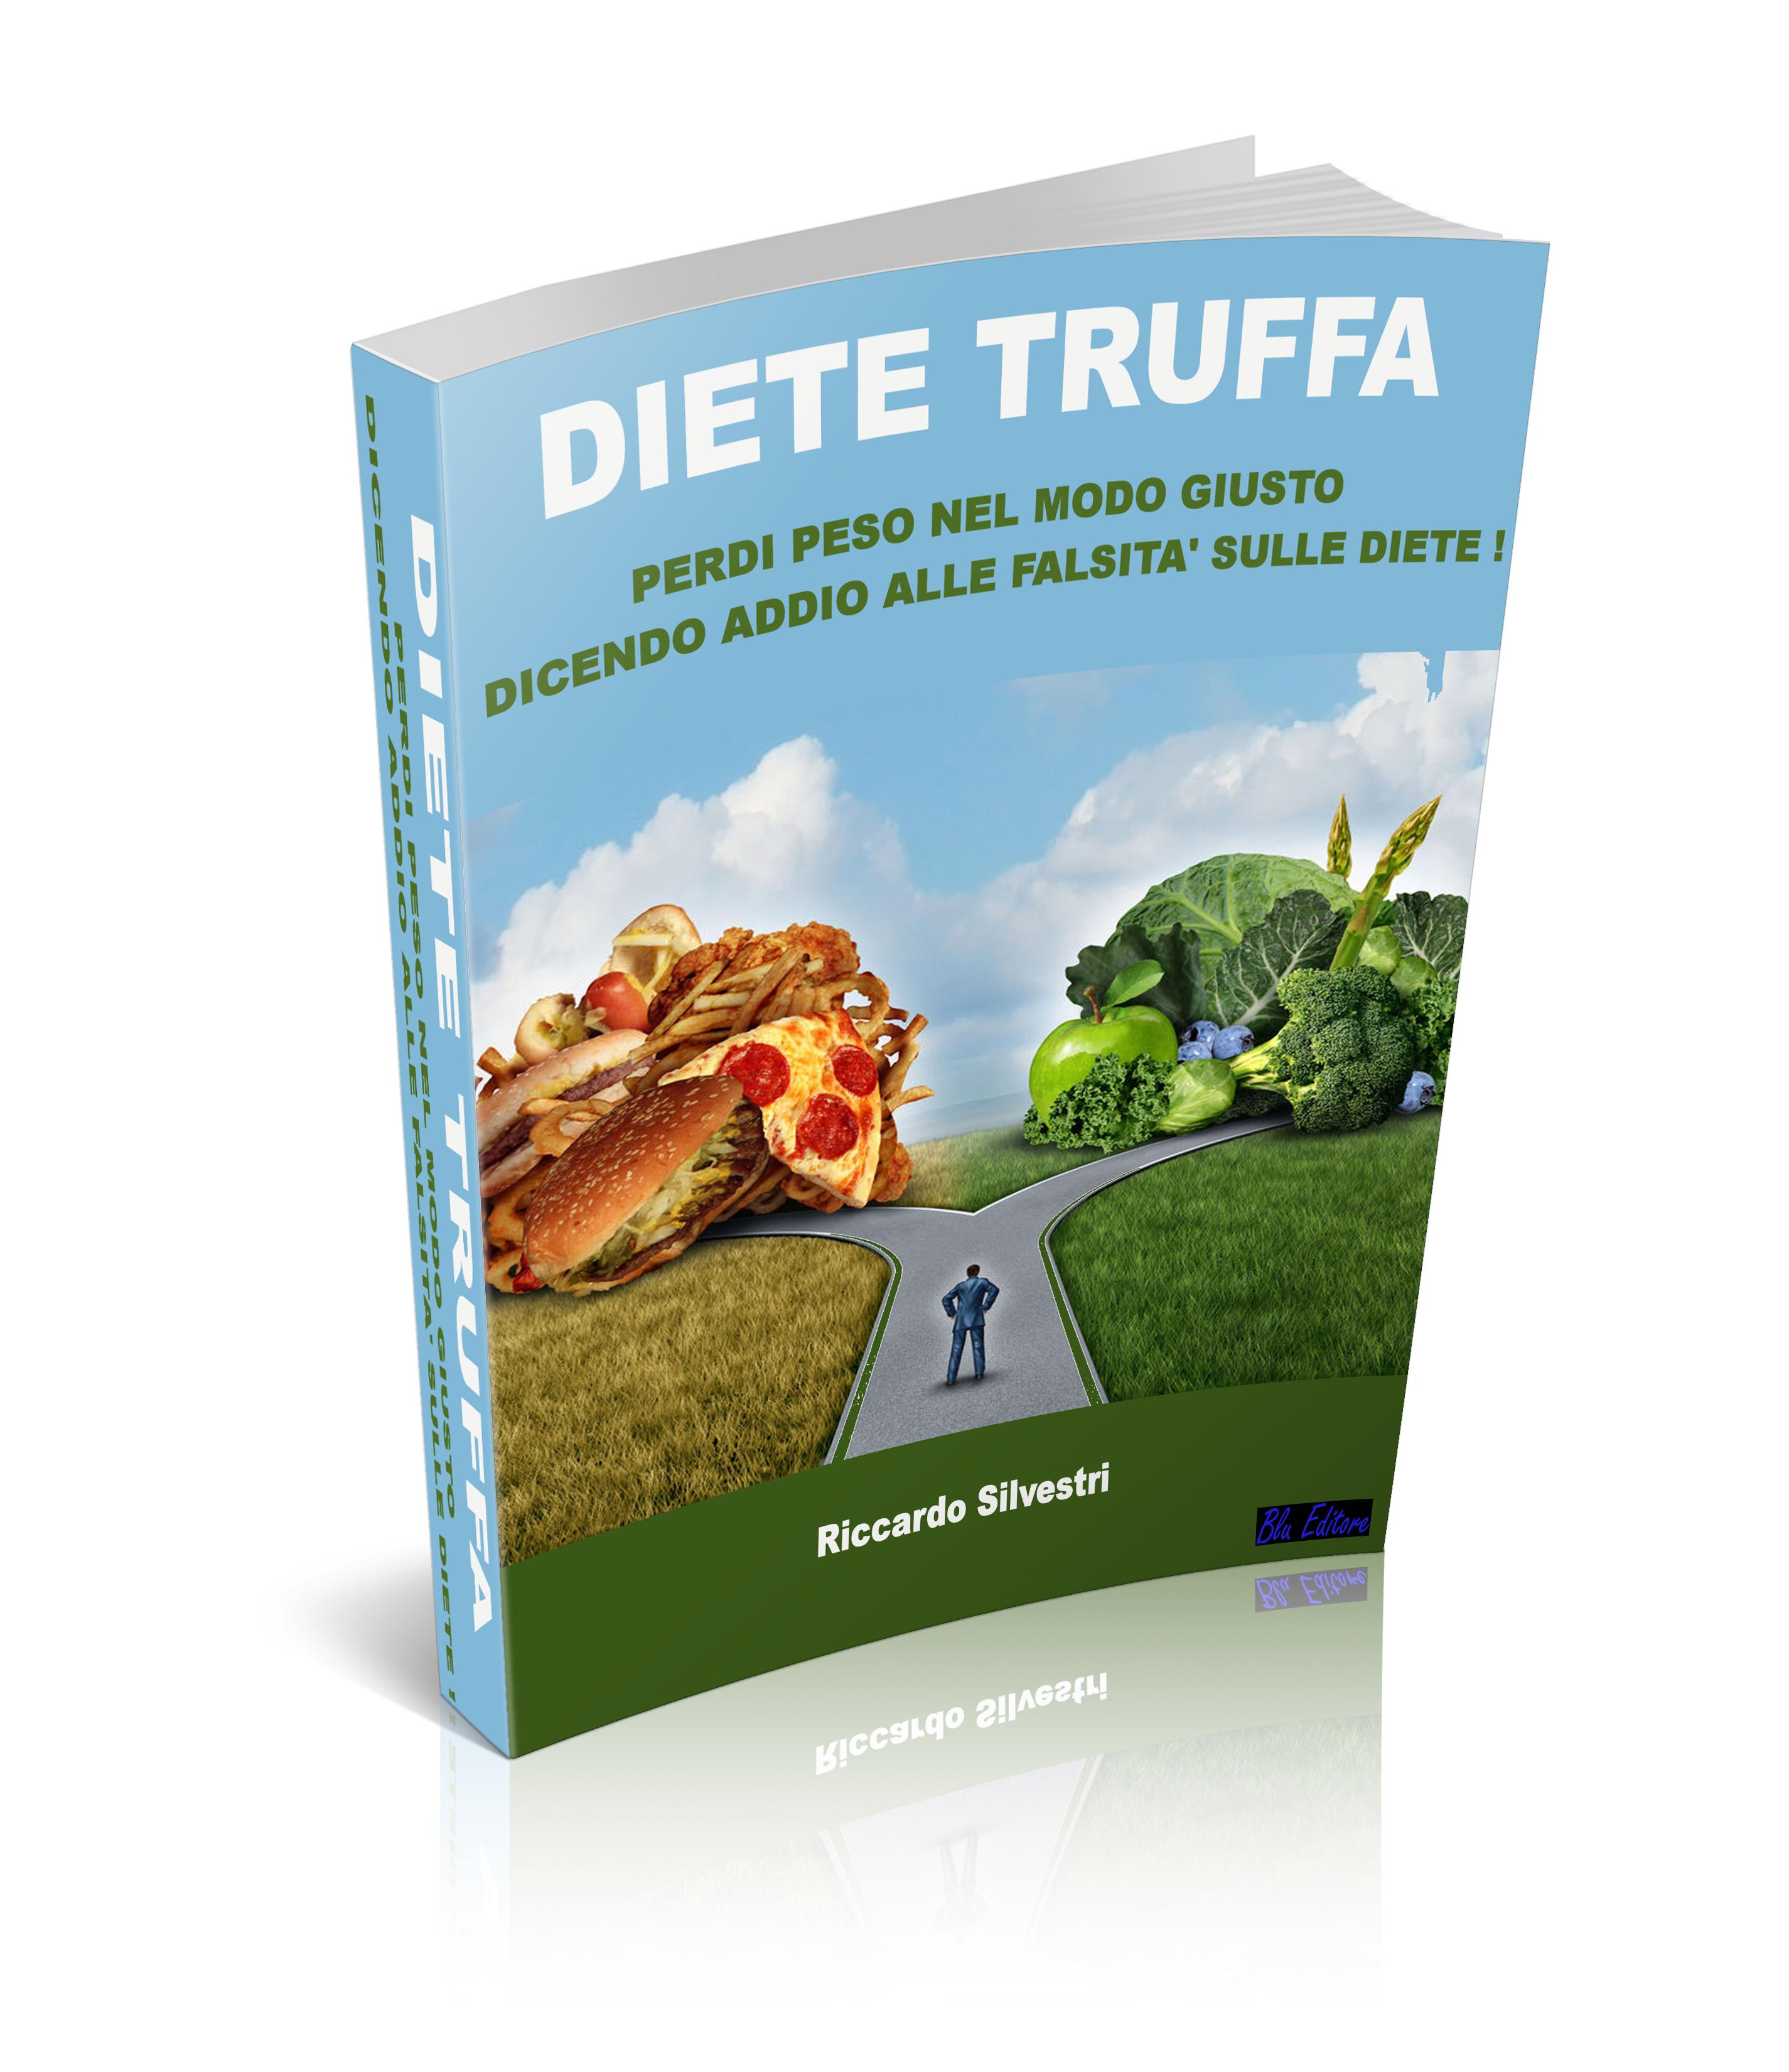 Diete Truffa